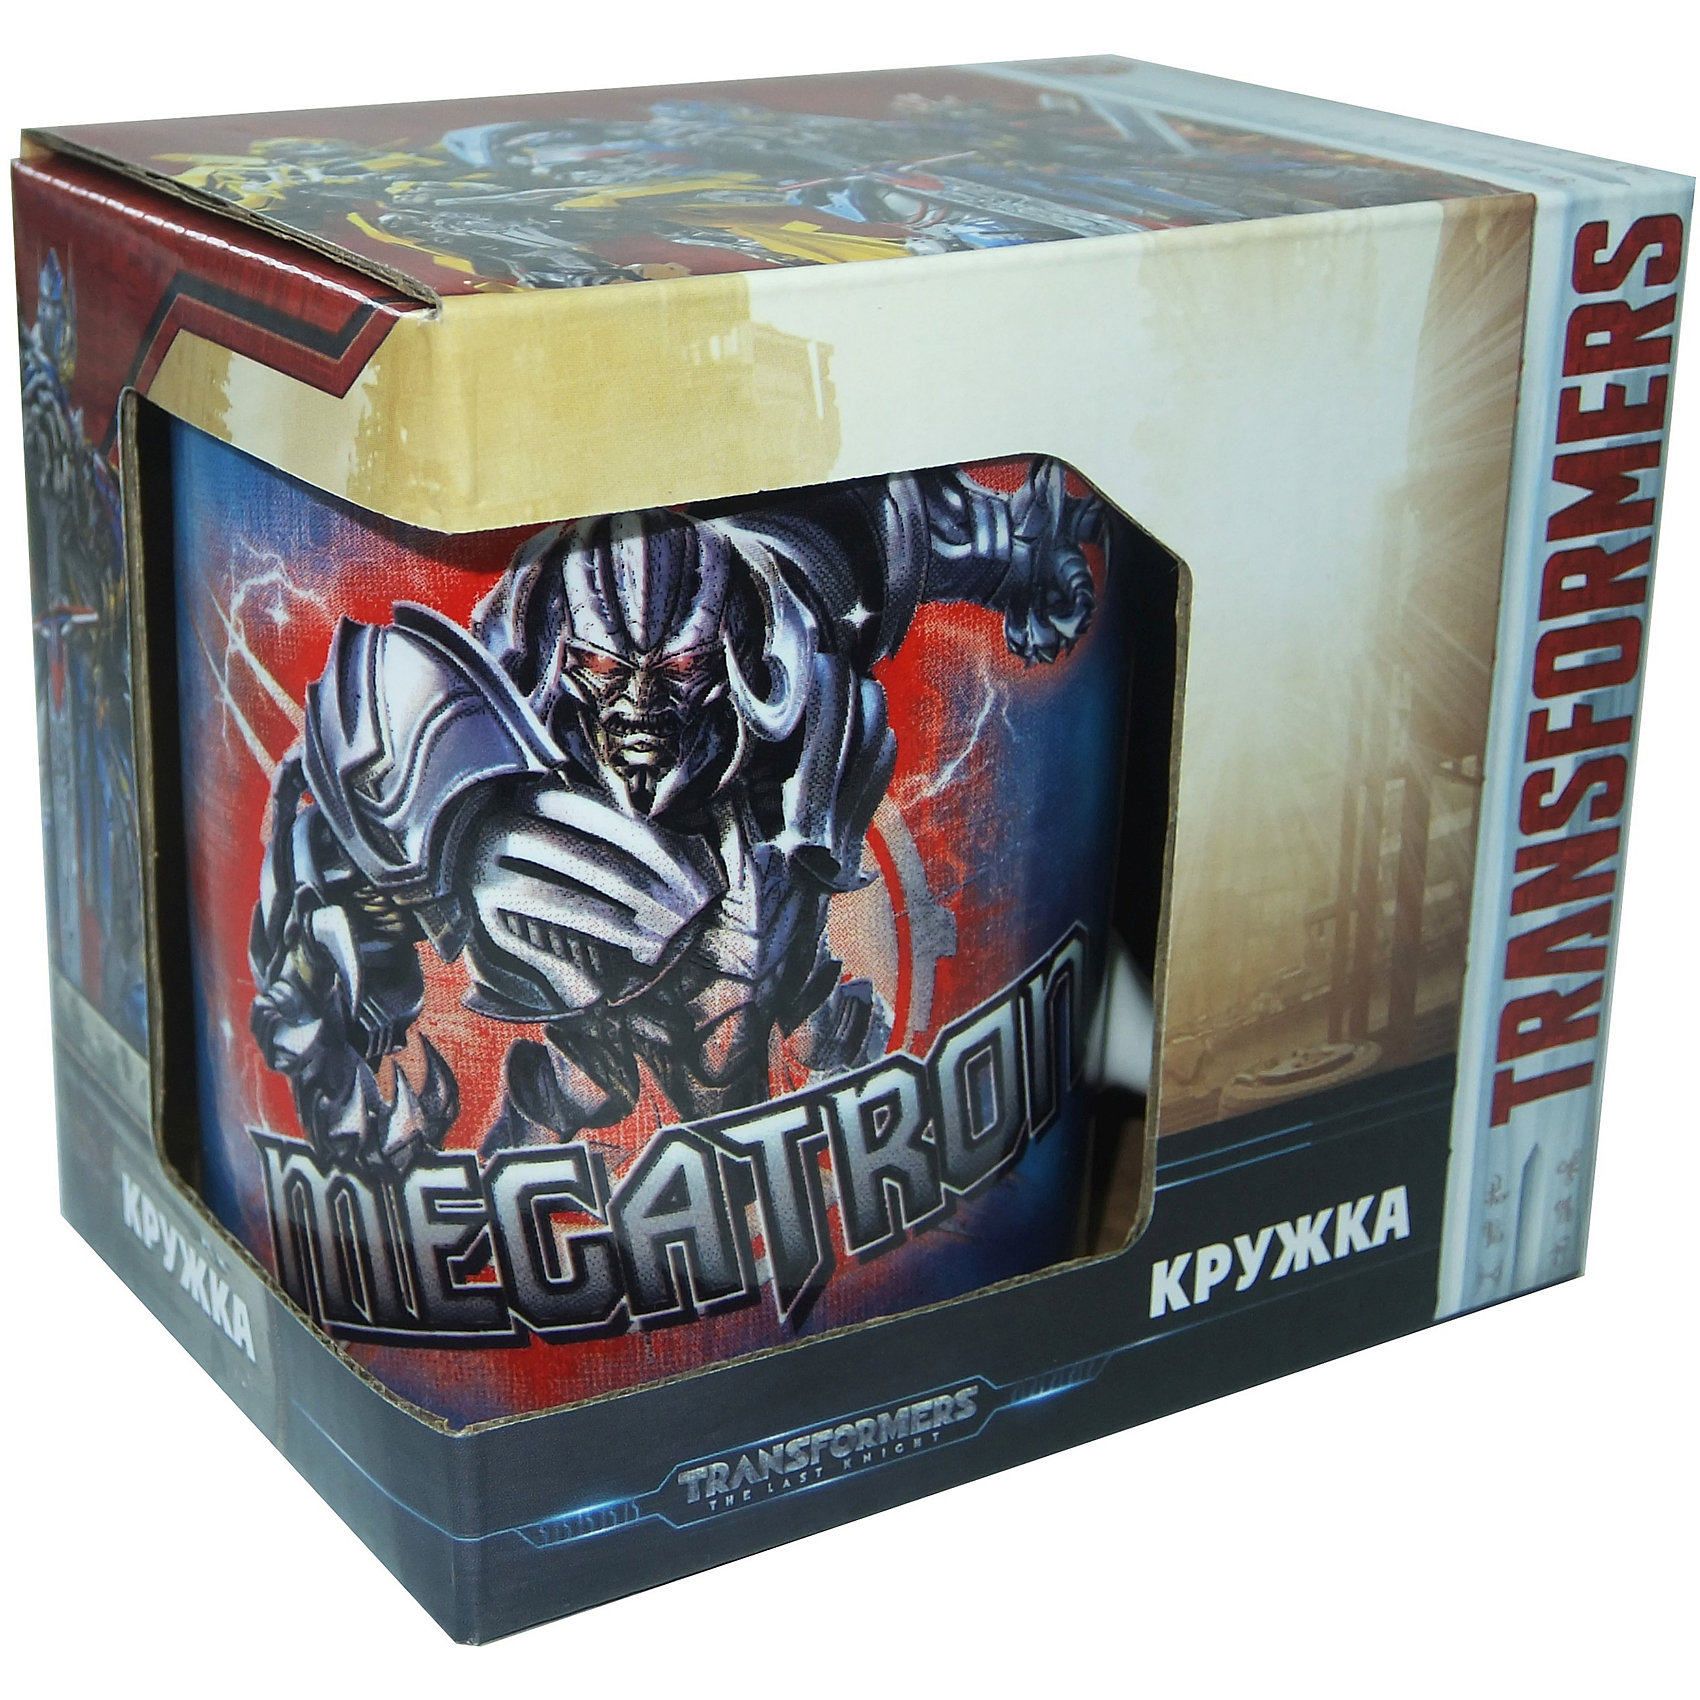 Кружка Transformers Последний рыцарь. Противостояние в подарочной упаковке, 350 мл.Посуда<br>Характеристики:<br><br>• Материал: керамика<br>• Тематика рисунка: Трансформеры<br>• Можно использовать для горячих и холодных напитков<br>• Упаковка: подарочная картонная коробка<br>• Объем: 350 мл<br>• Вес: 360 г<br>• Размеры (Д*Ш*В): 12*8,2*9,5 см<br>• Особенности ухода: можно мыть в посудомоечной машине<br><br>Кружка Transformers Последний рыцарь. Противостояние в подарочной упаковке, 350 мл выполнена в стильном дизайне: на синий корпус нанесено изображение героев популярного мультсериала Трансформеры – Оптимуса Прайма и Мегатрона. Изображения детально отражает облик экранных прототипов, устойчивы к появлению царапин, не выцветают при частом мытье. <br><br>Кружку Transformers Последний рыцарь. Противостояние в подарочной упаковке, 350 мл можно купить в нашем интернет-магазине.<br><br>Ширина мм: 120<br>Глубина мм: 82<br>Высота мм: 95<br>Вес г: 360<br>Возраст от месяцев: 36<br>Возраст до месяцев: 1188<br>Пол: Мужской<br>Возраст: Детский<br>SKU: 6849968